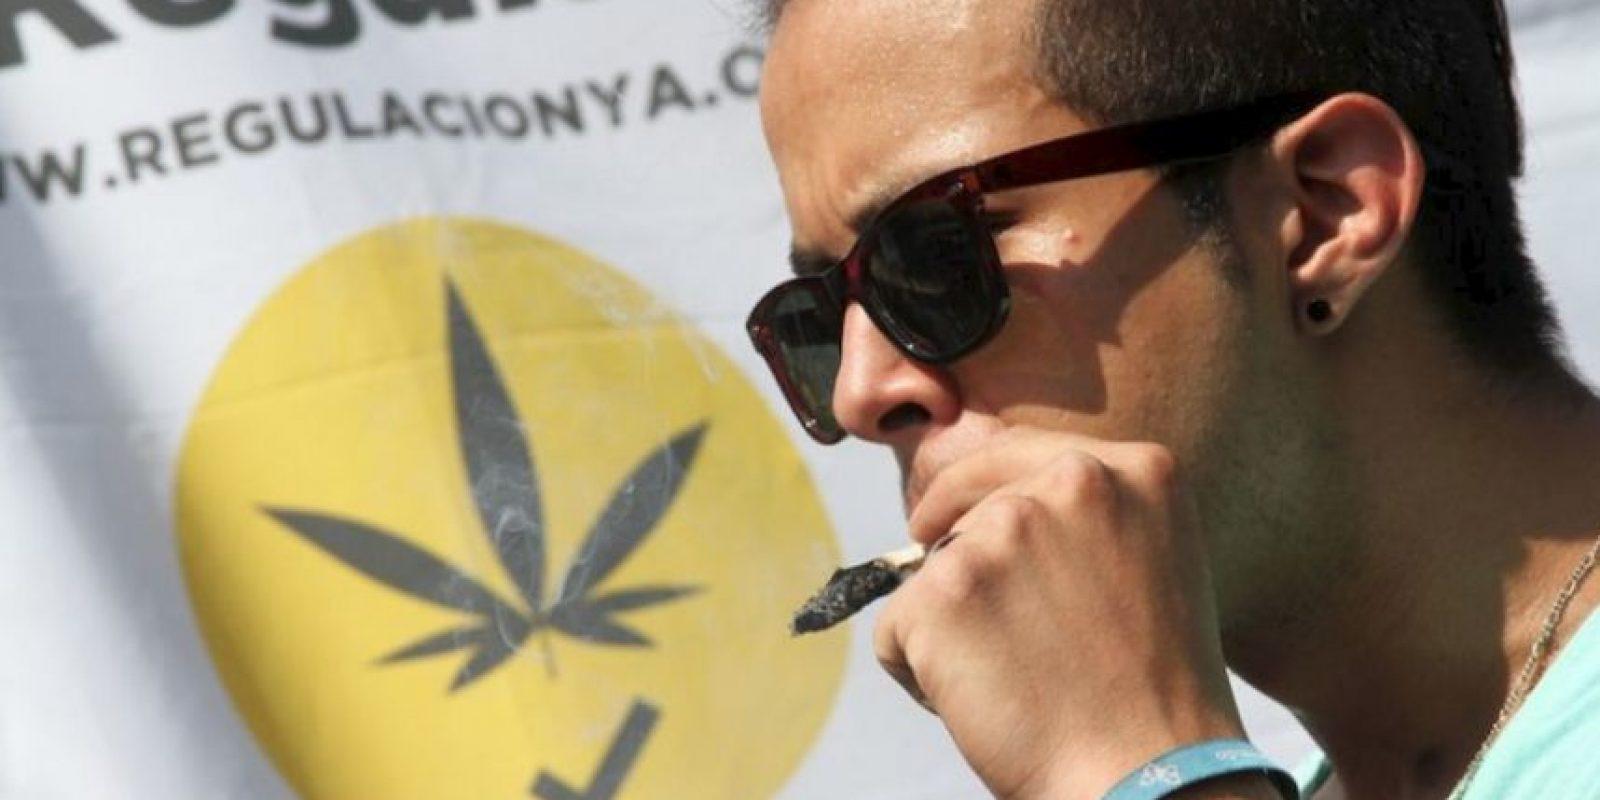 Manifestantes fumaron marihuana a las afueras de la Corte. Foto:Nicolás Corte/Publimetro